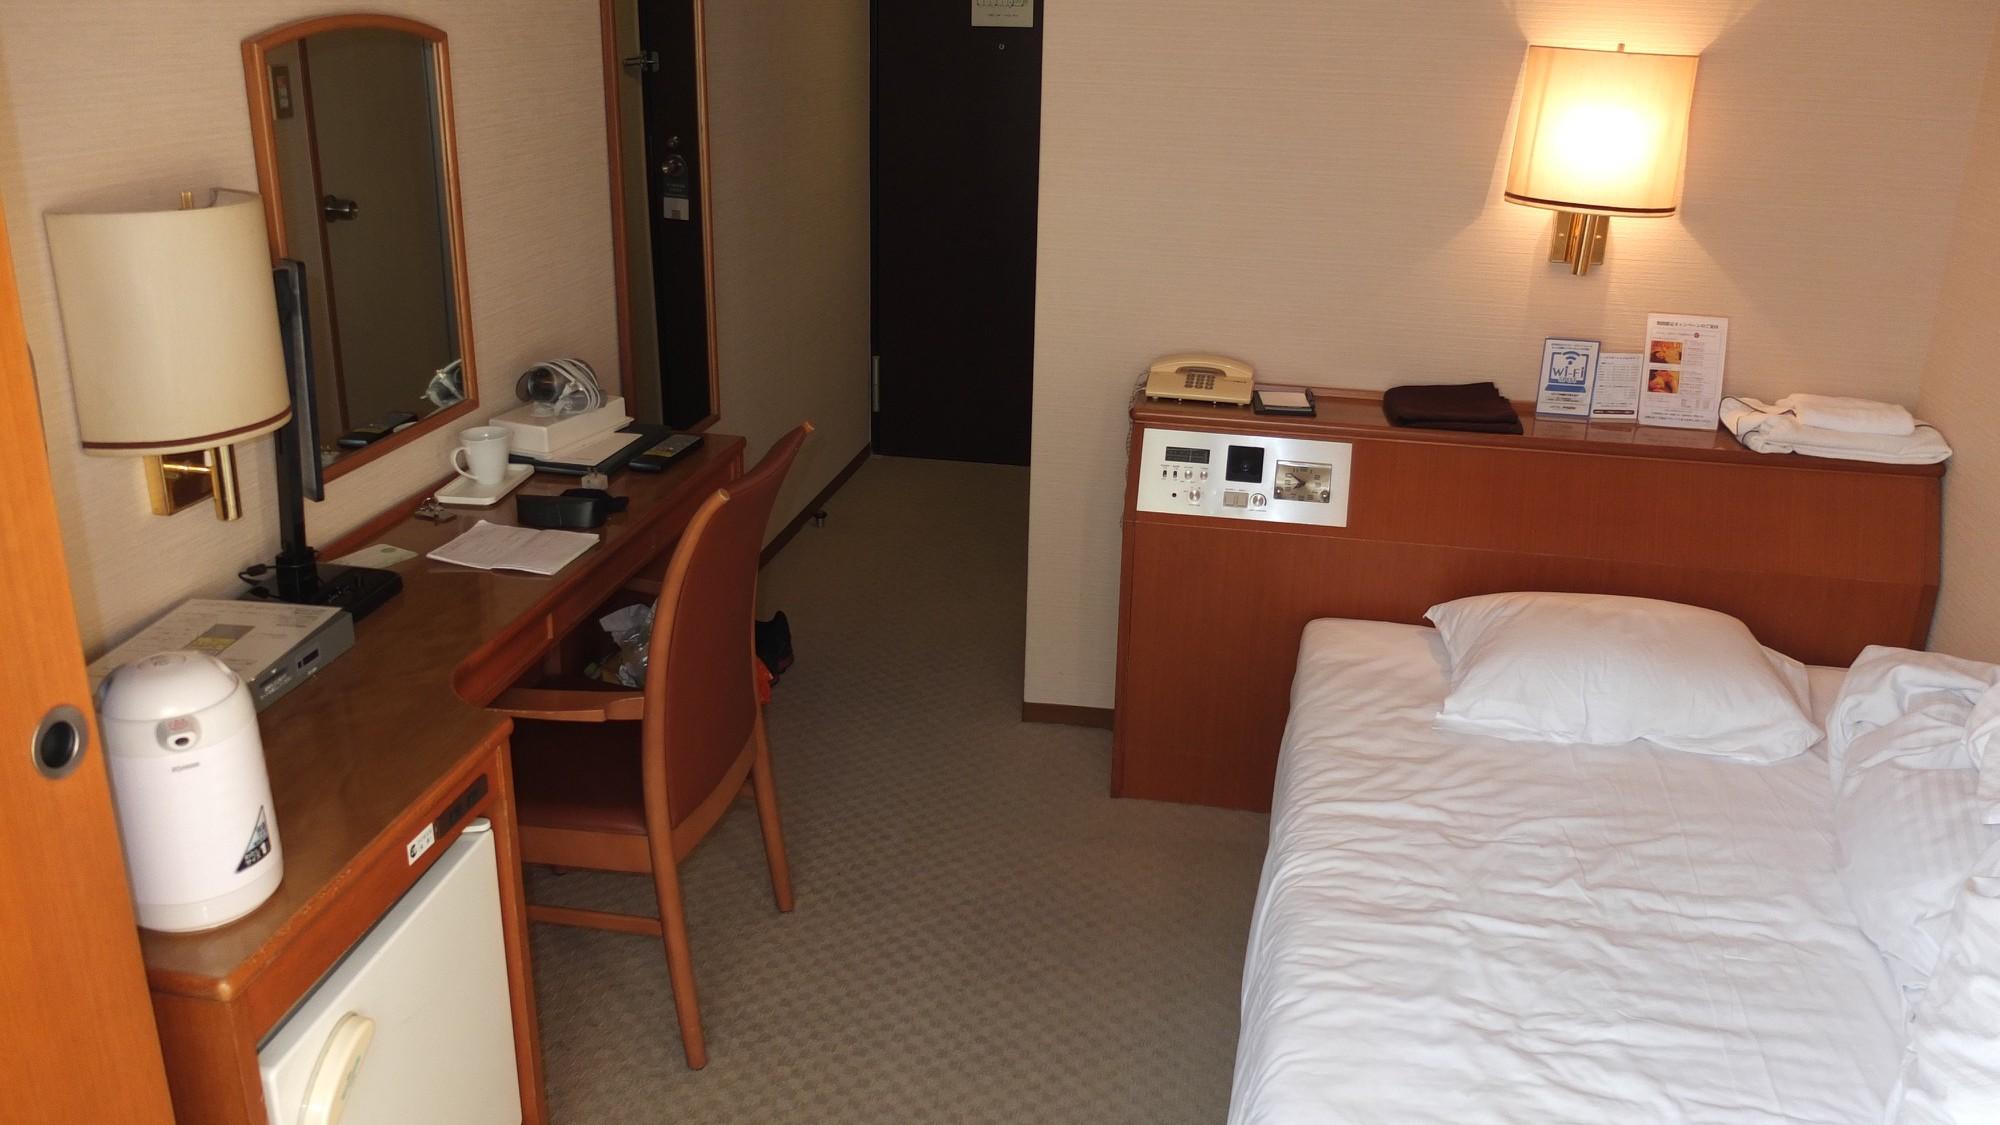 Hotelzimmer Area One Kobe, Dominik Sommerer, Dominiks Welt